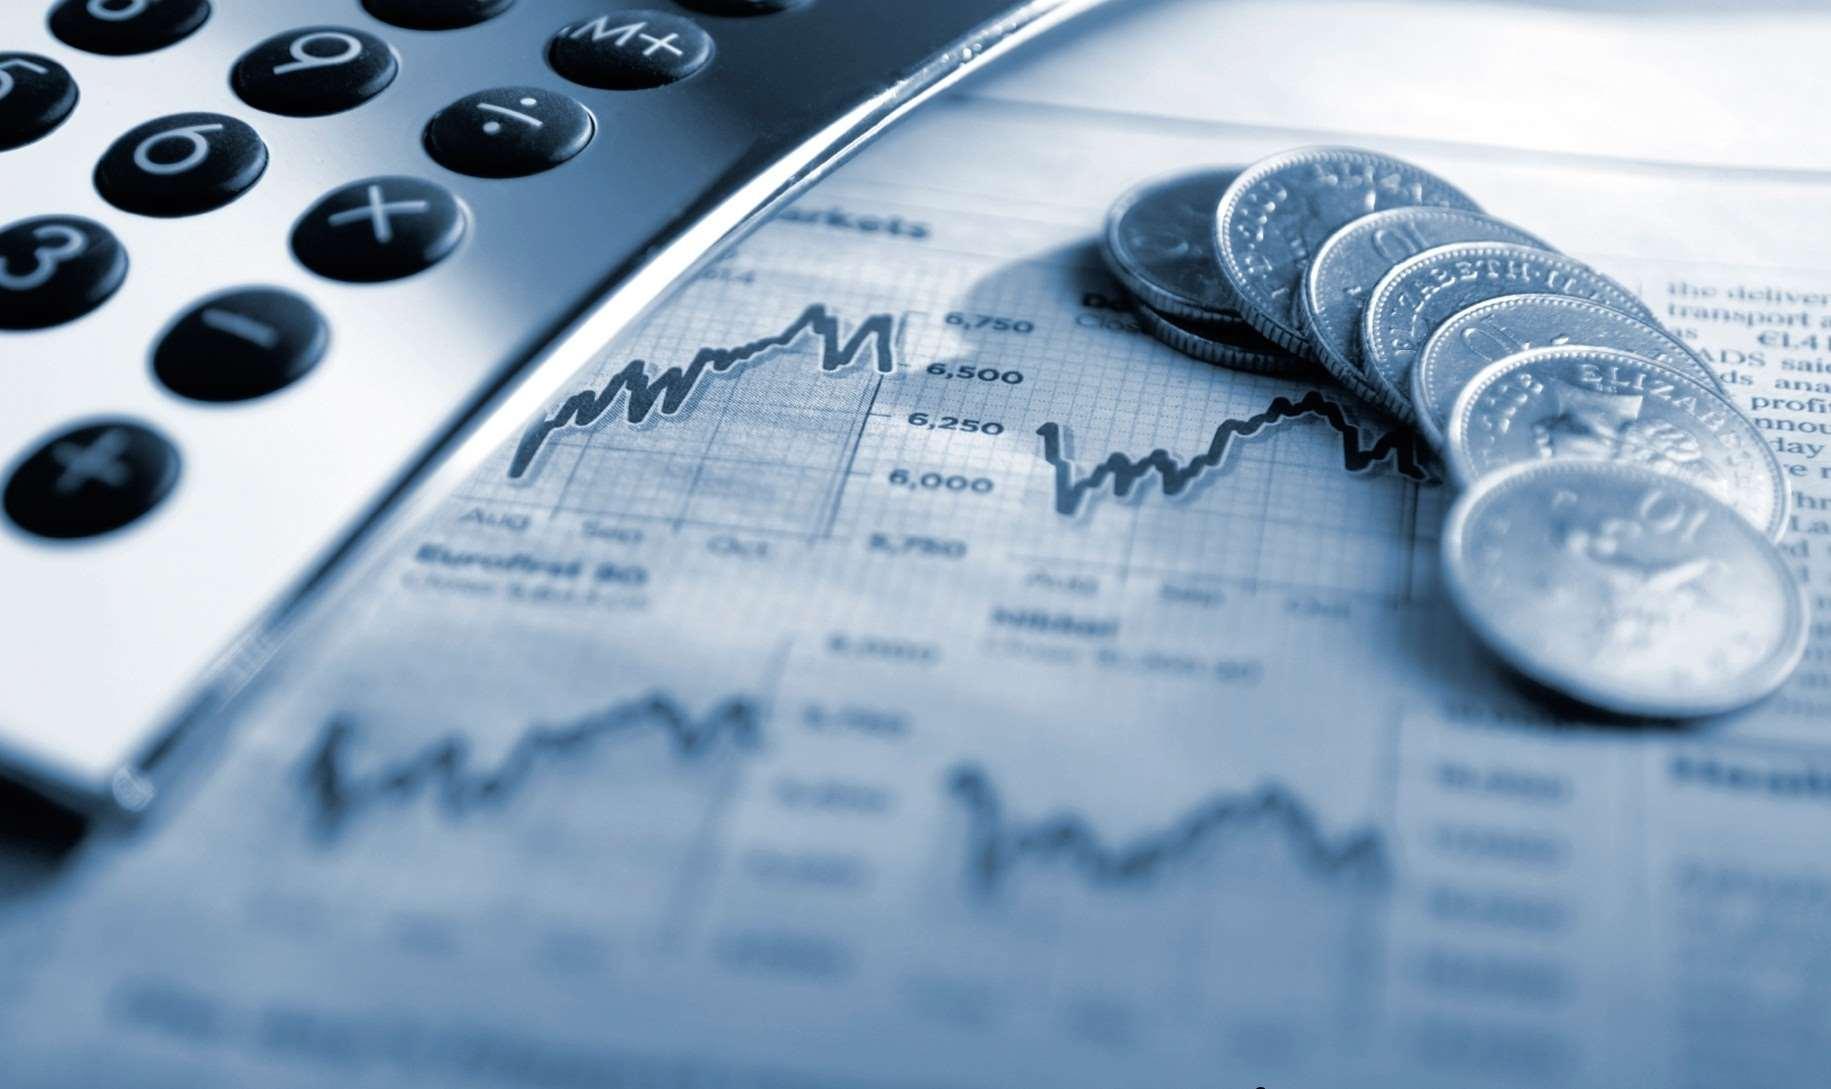 Как искать инвестиционные идеи на фондовом рынке